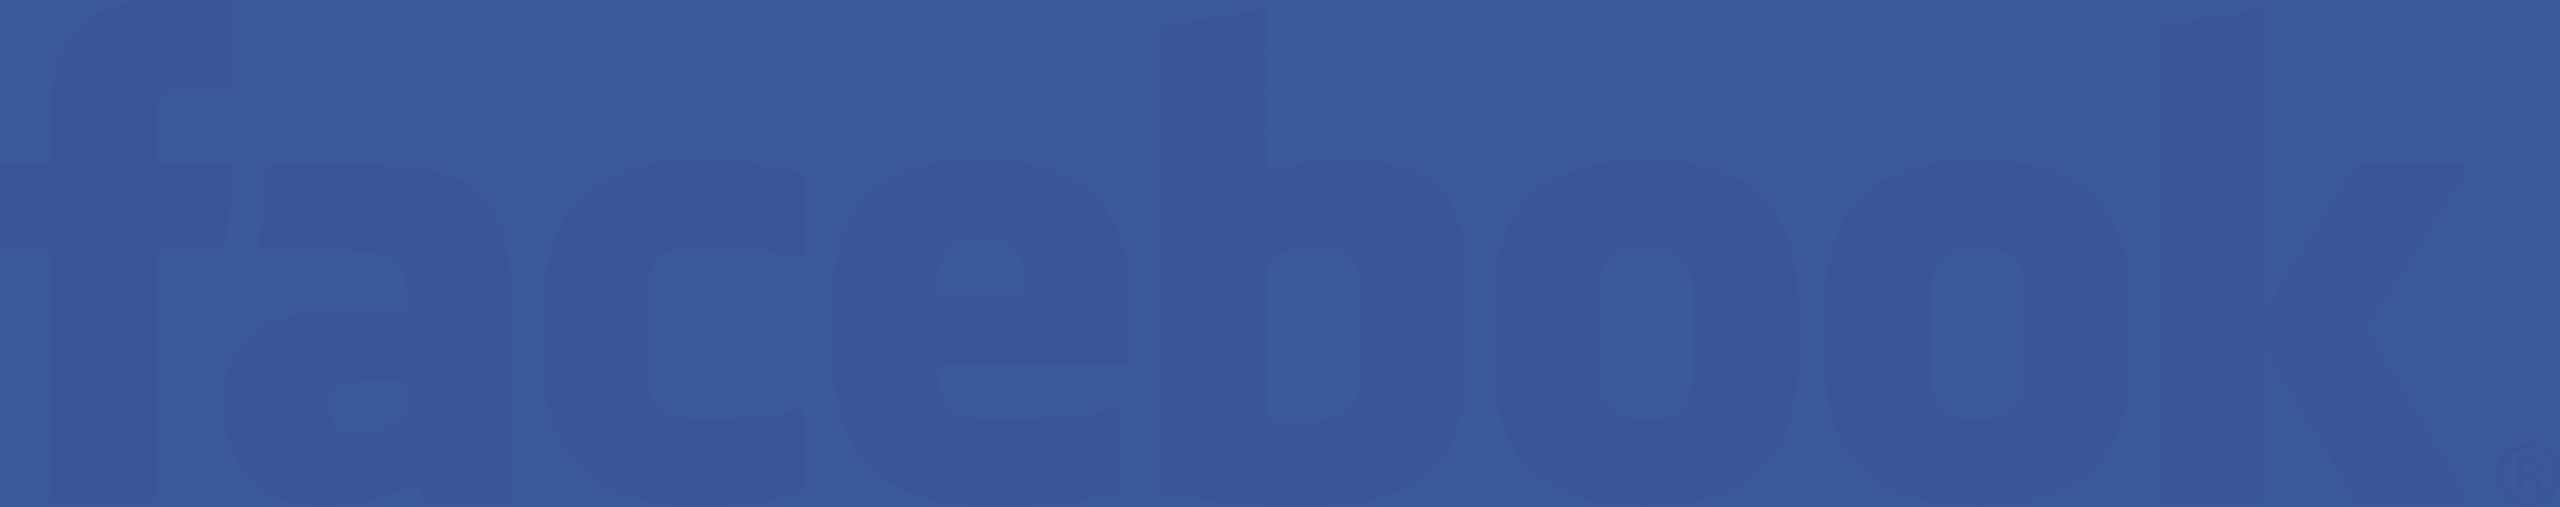 facebook-color